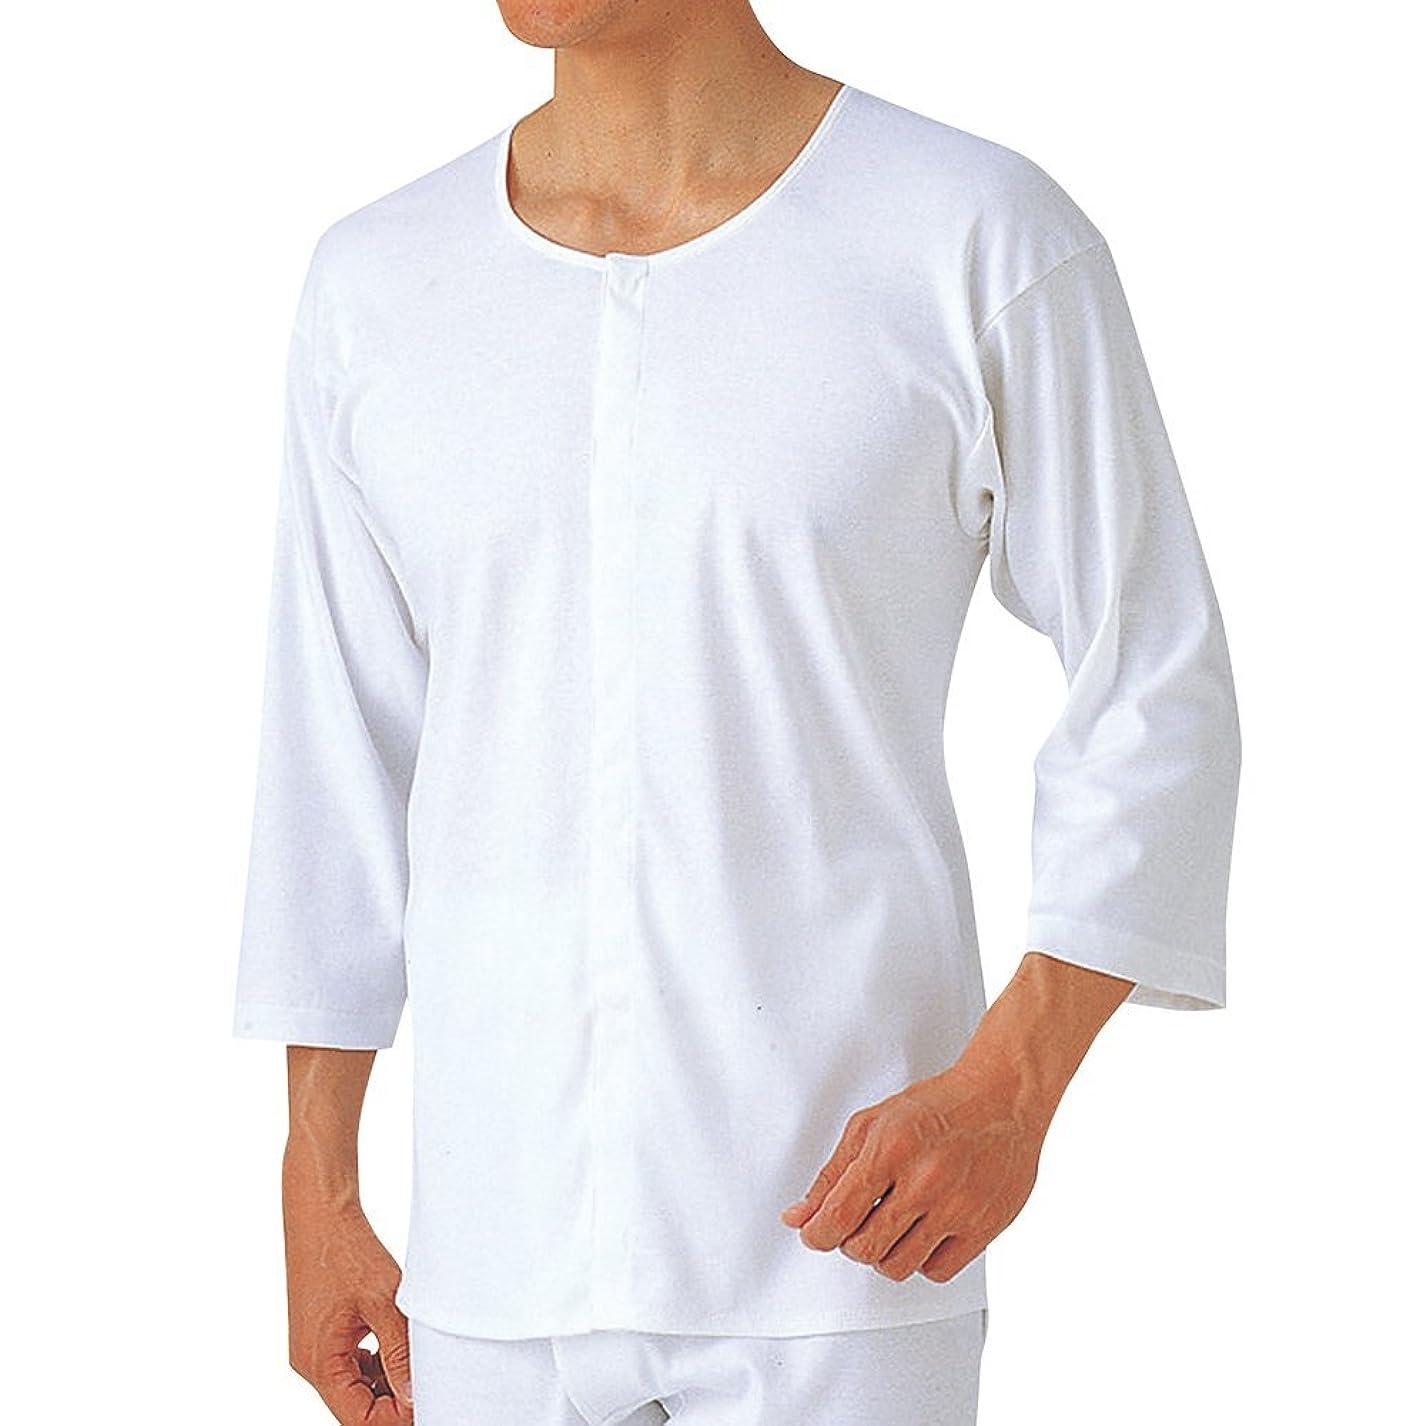 もう一度収束する机らくらく肌着2枚組(男性用)7分袖前あきシャツ ホワイトLL